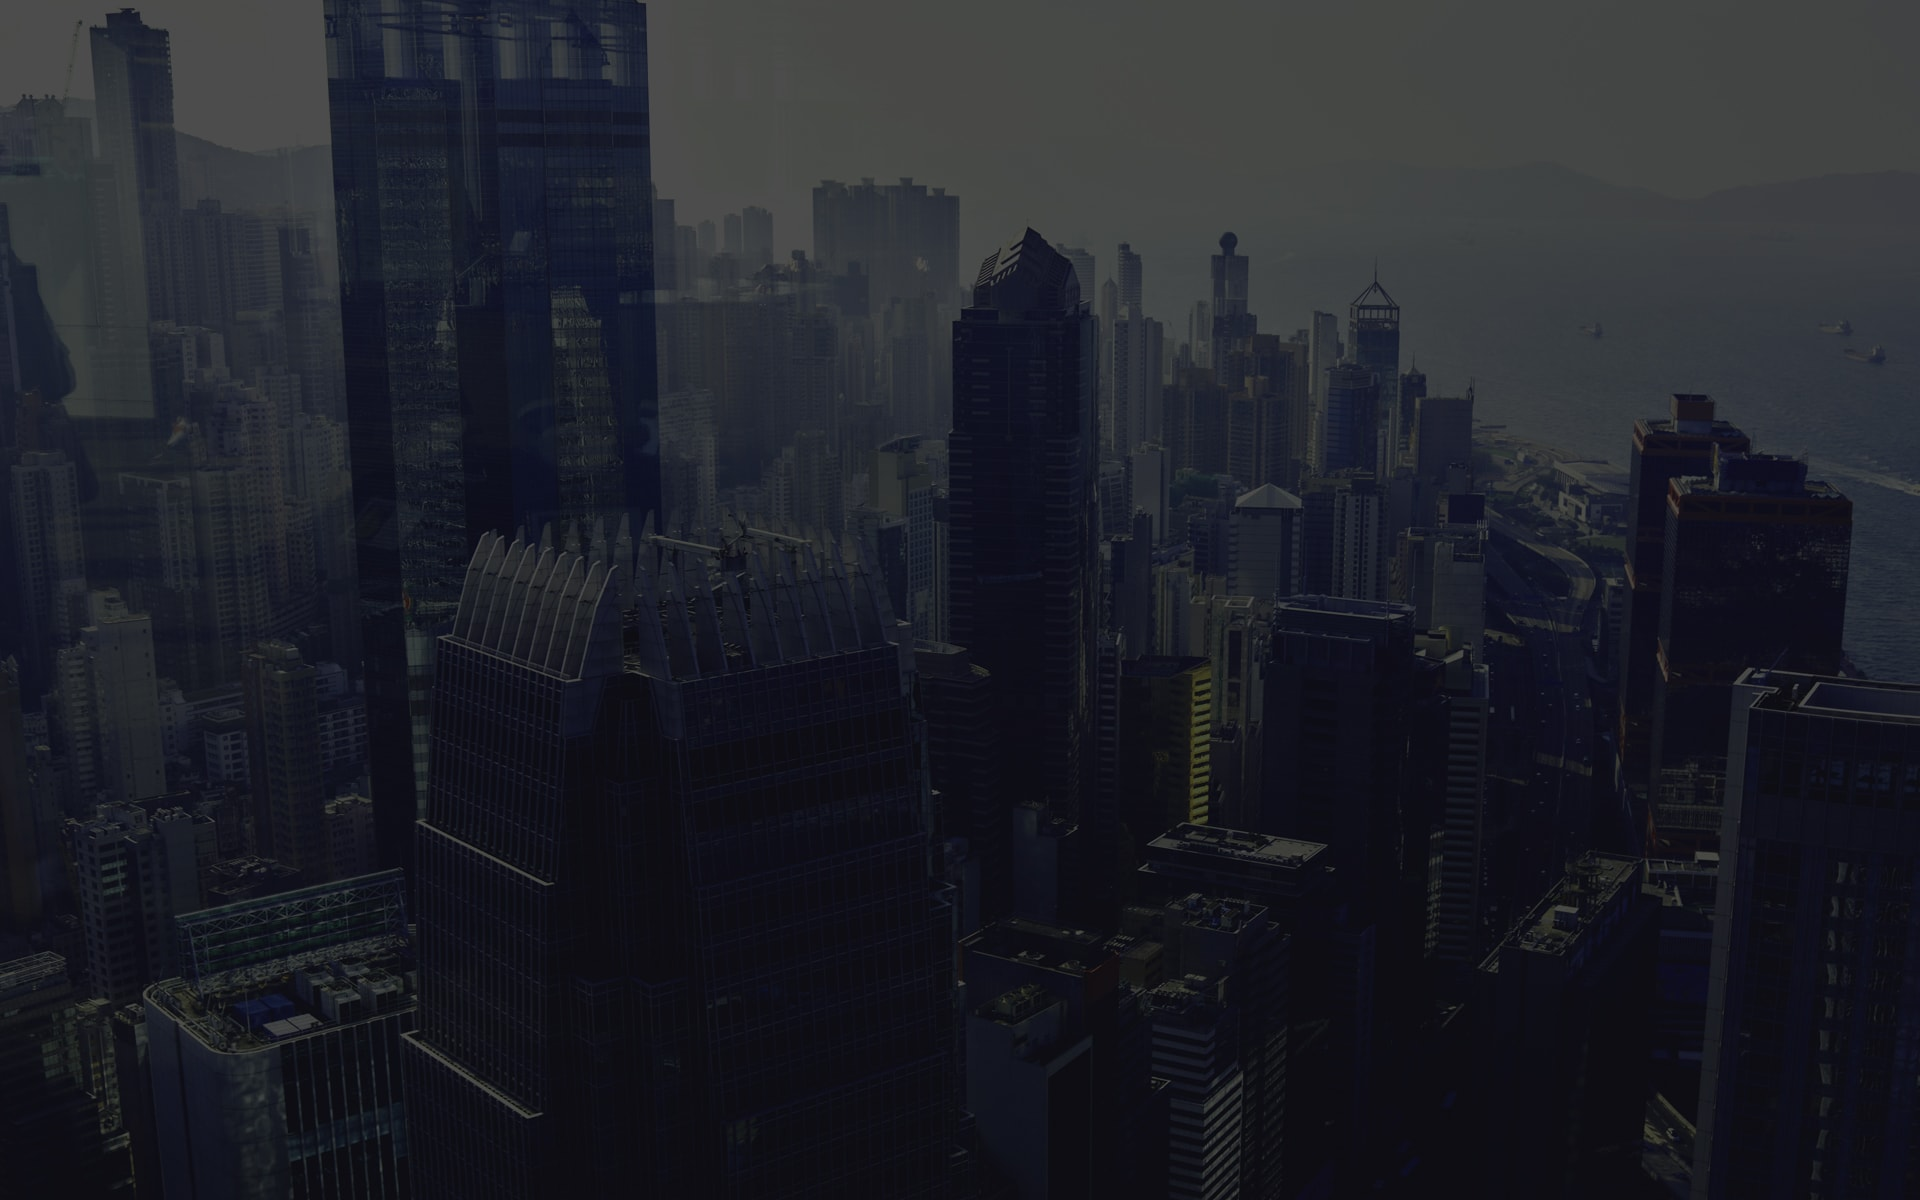 city-slide-3